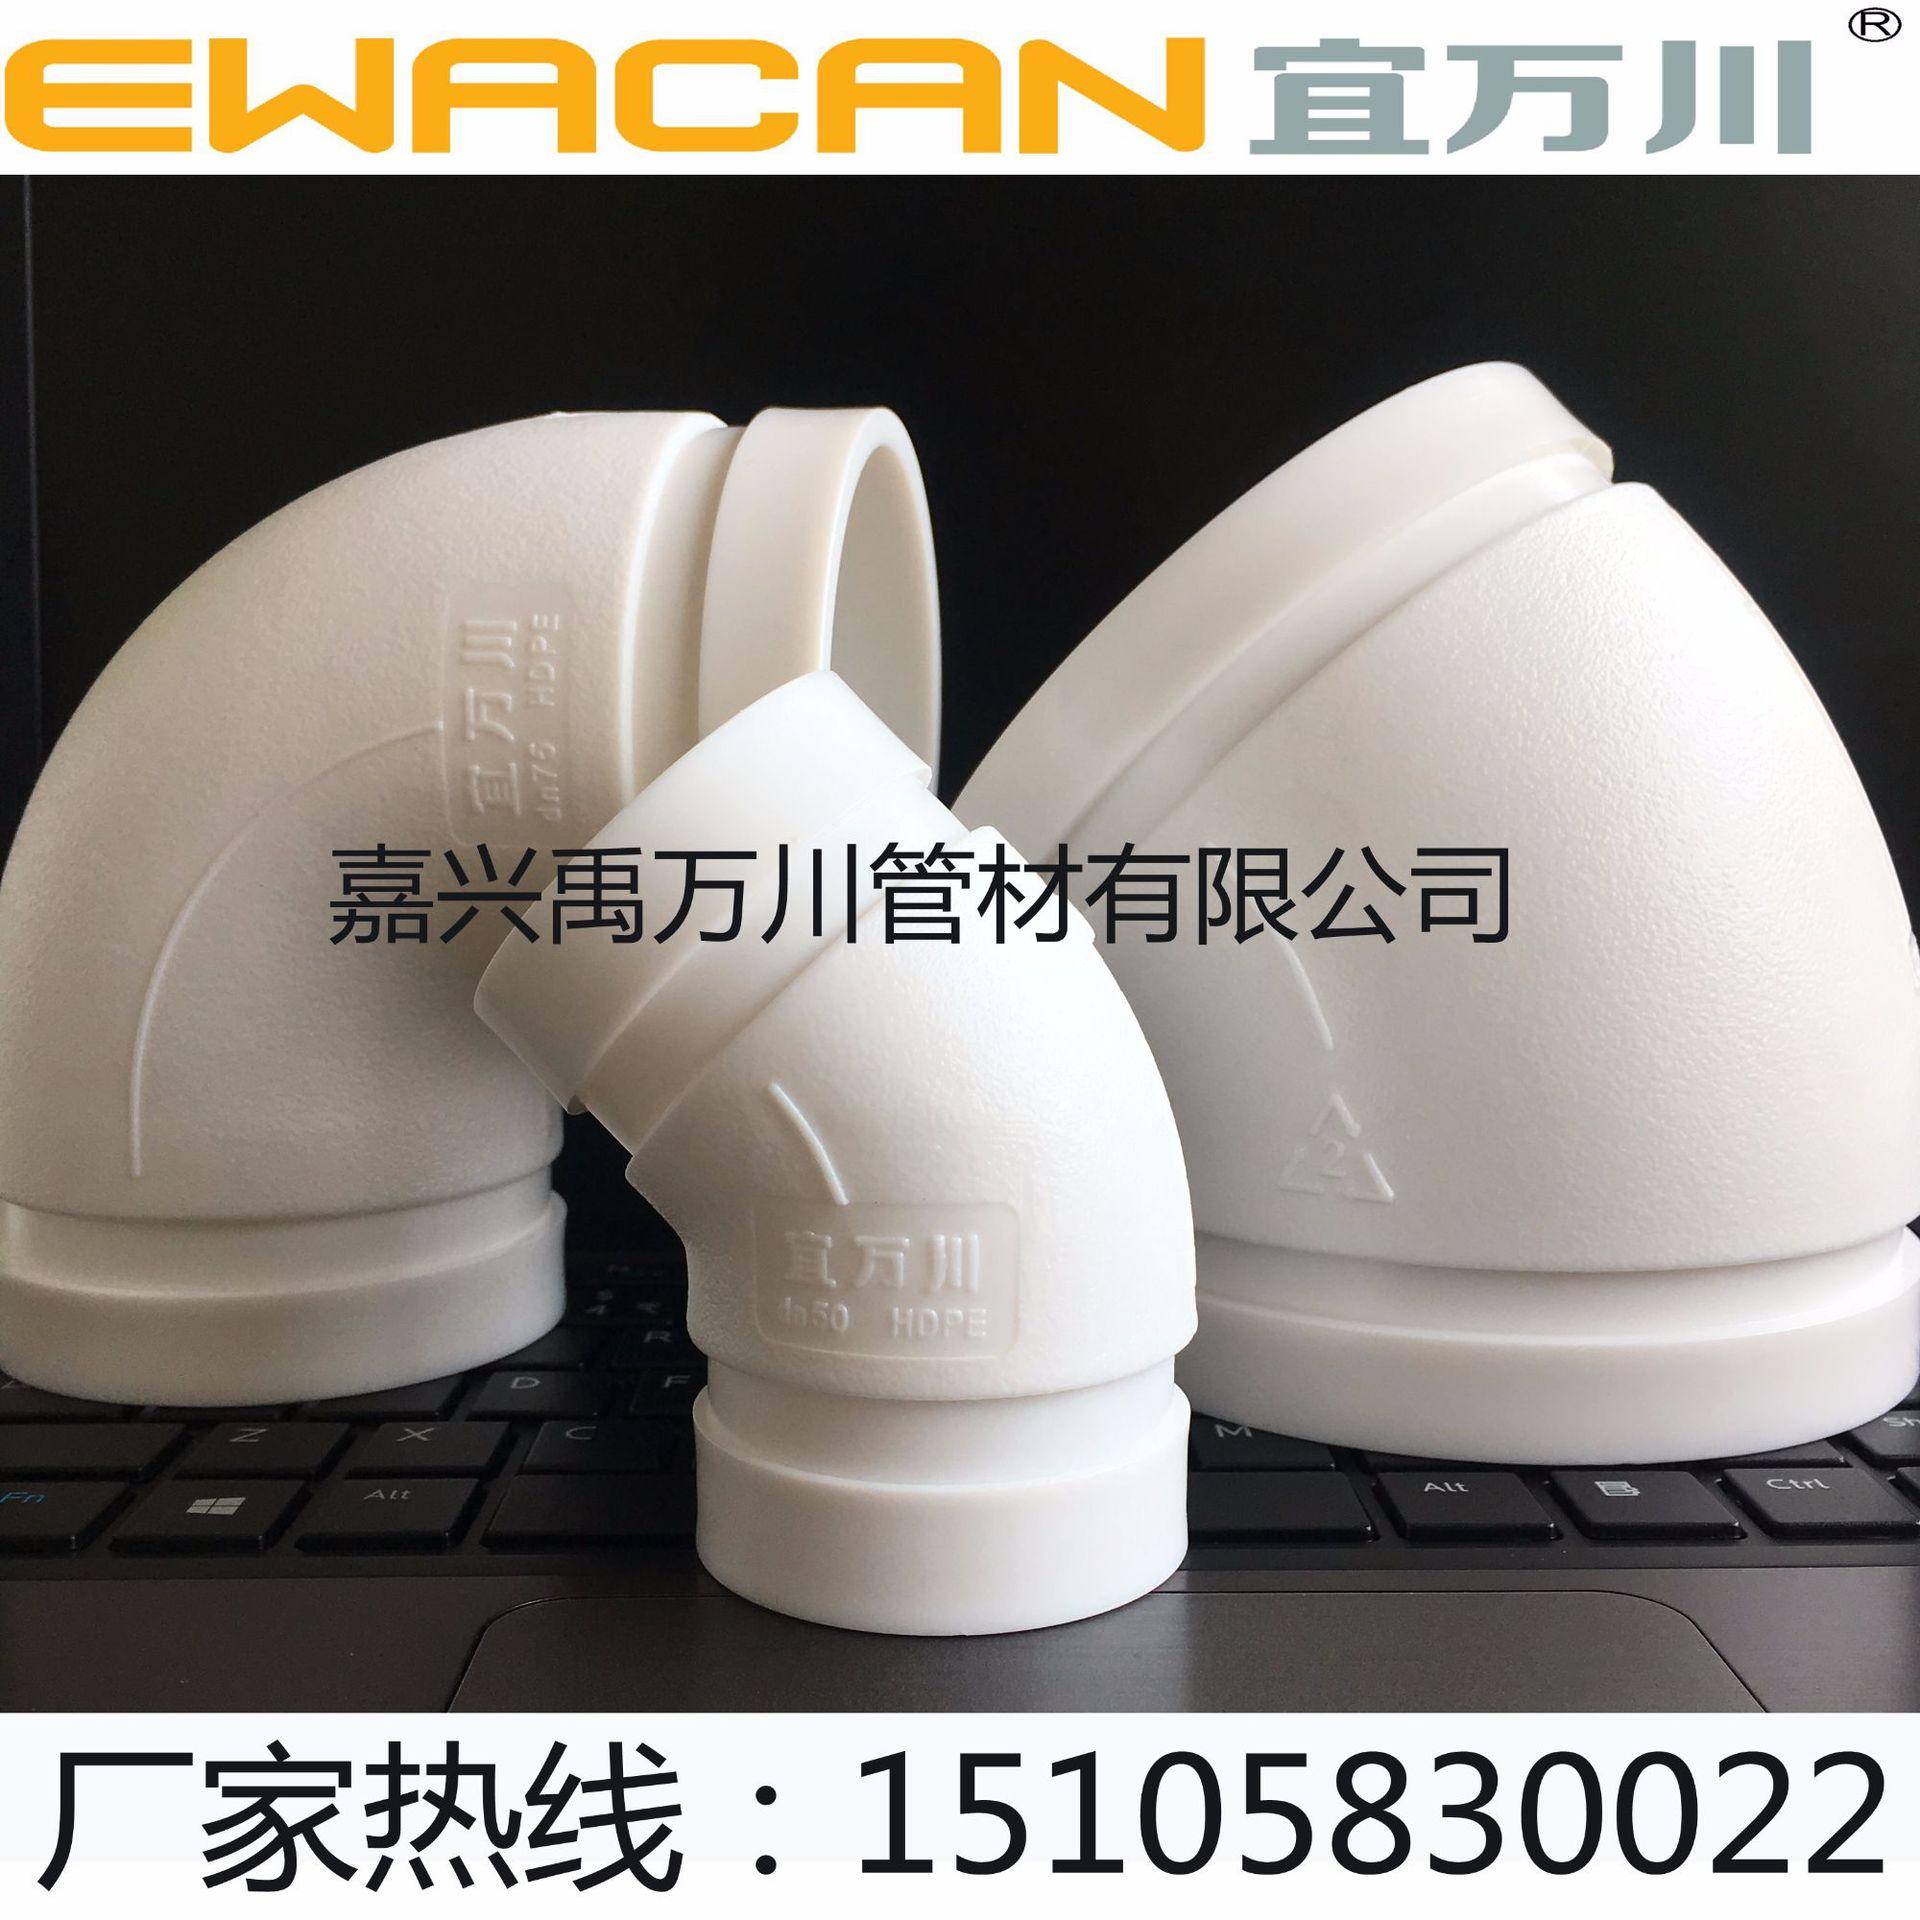 沟槽式HDPE超静音排水管,高密度聚乙烯ABS压环卡箍柔性连接示例图5